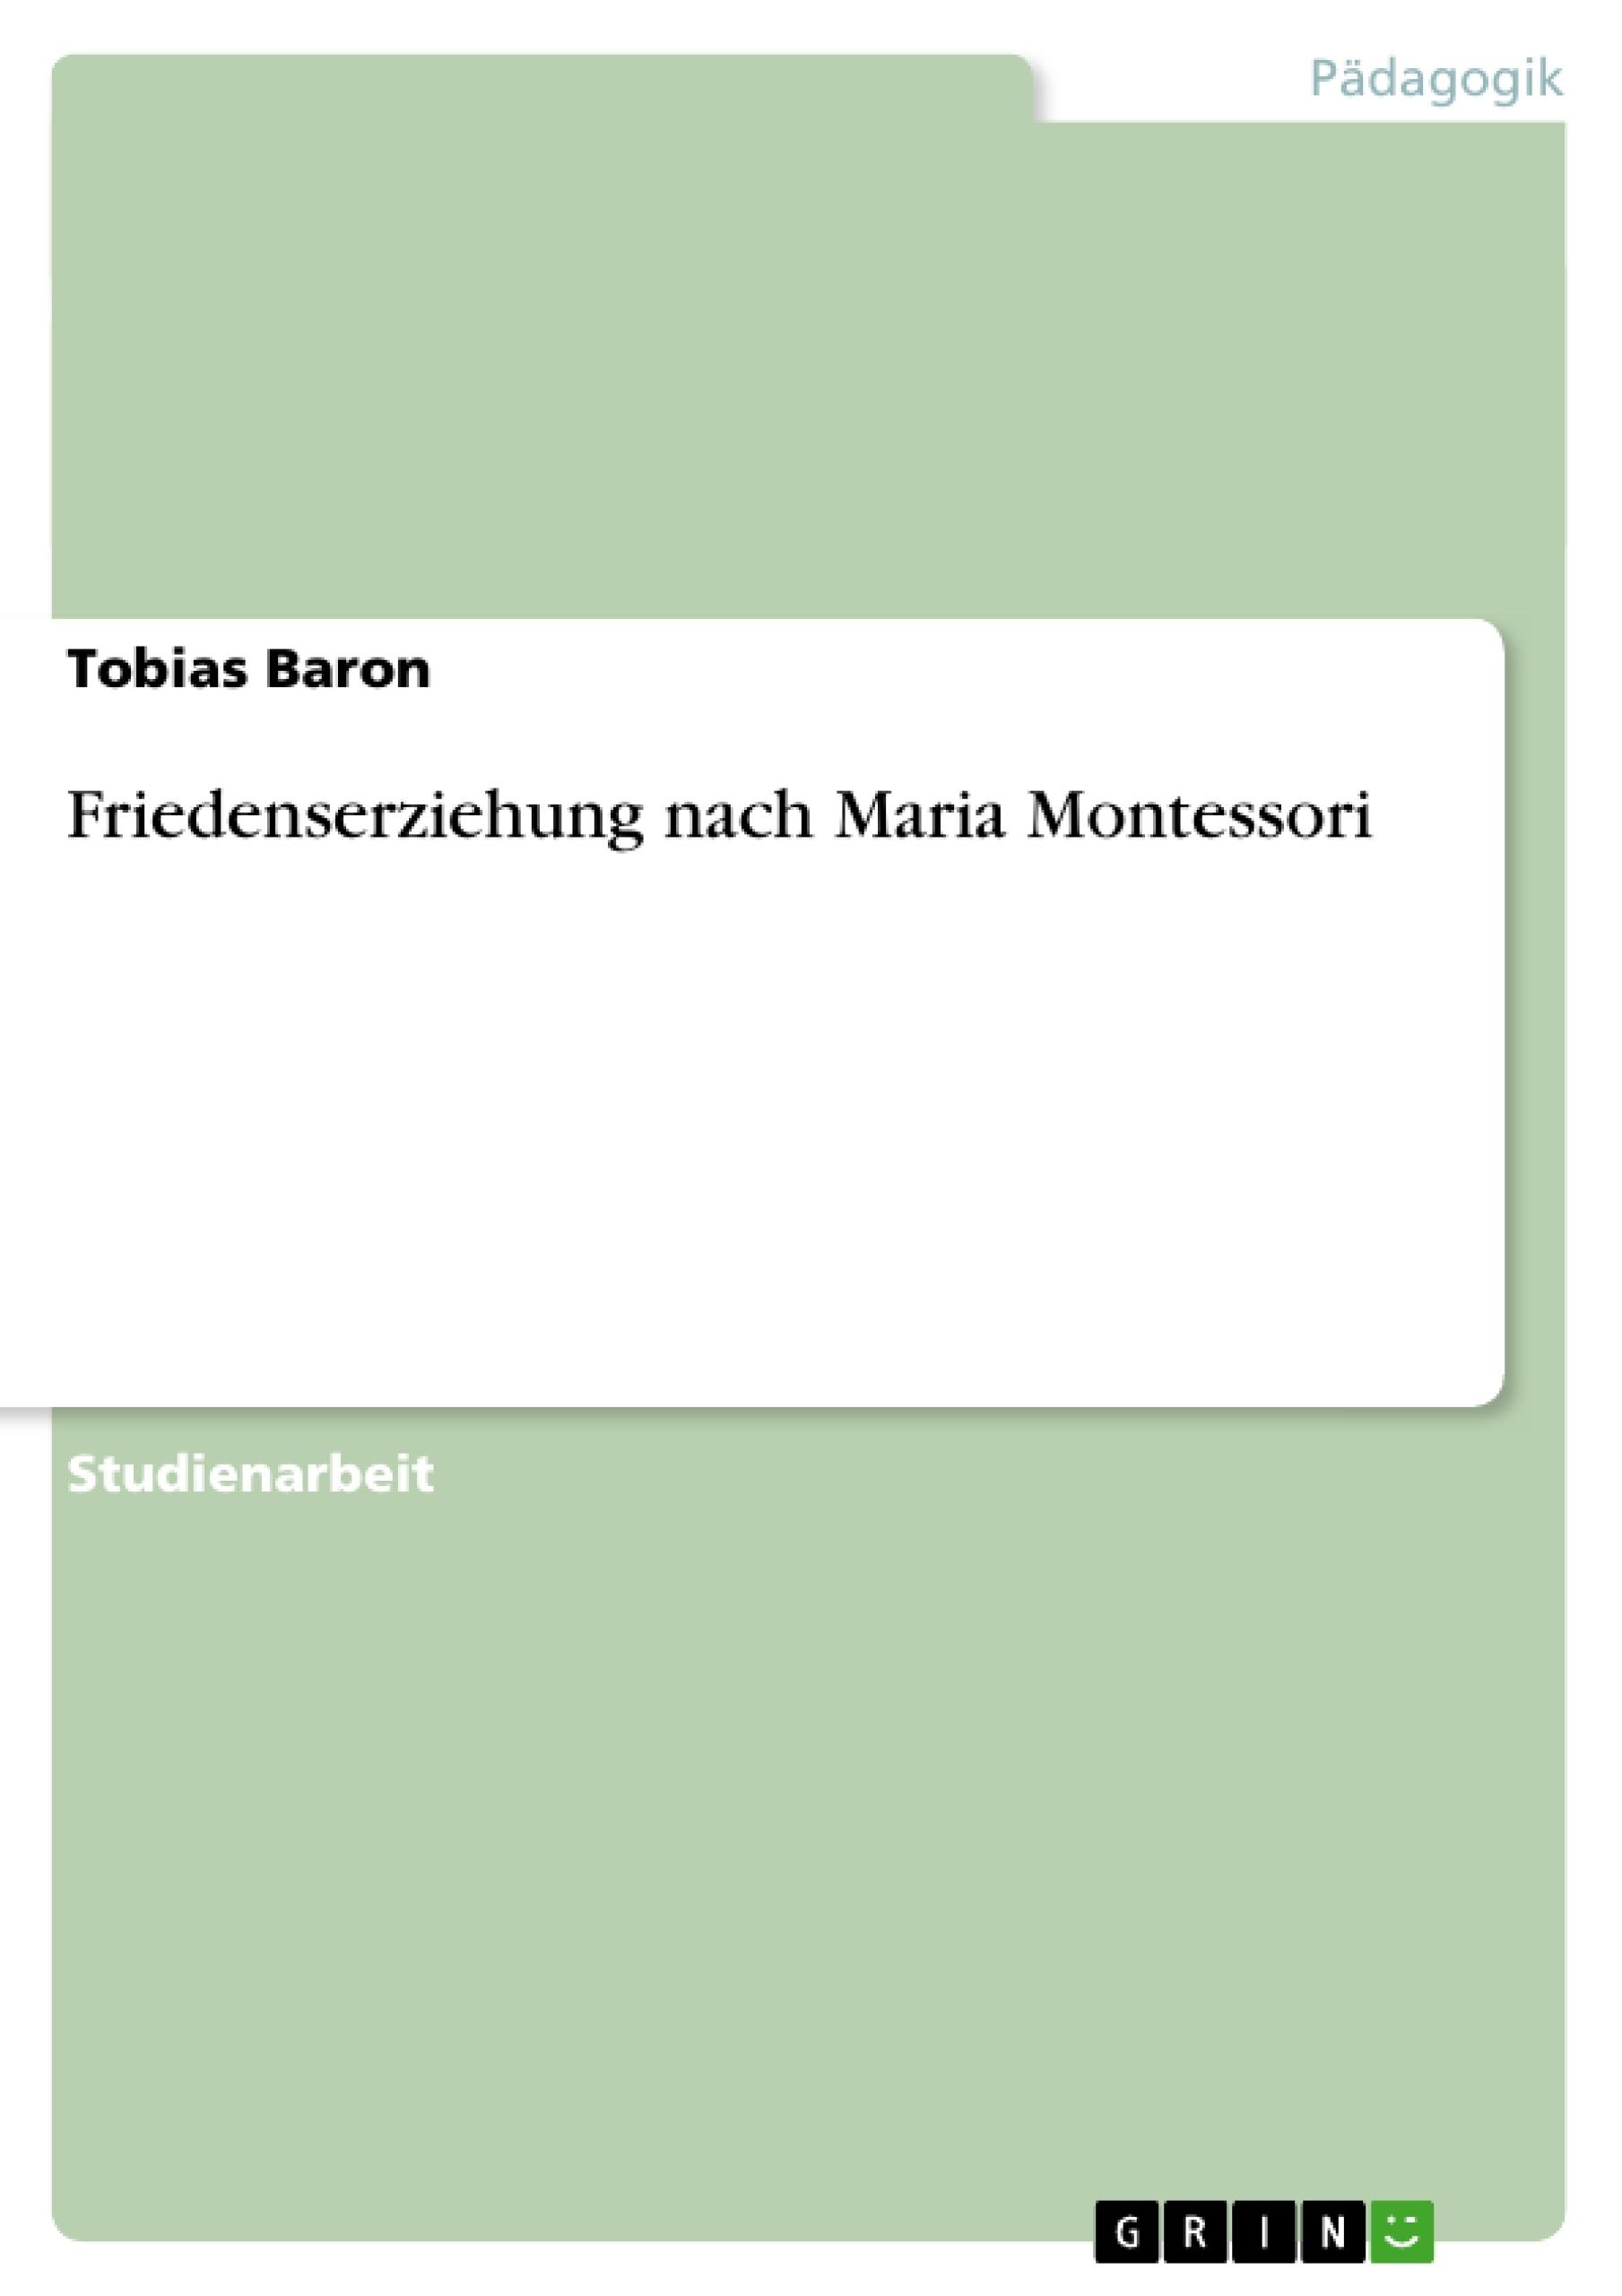 Titel: Friedenserziehung nach Maria Montessori